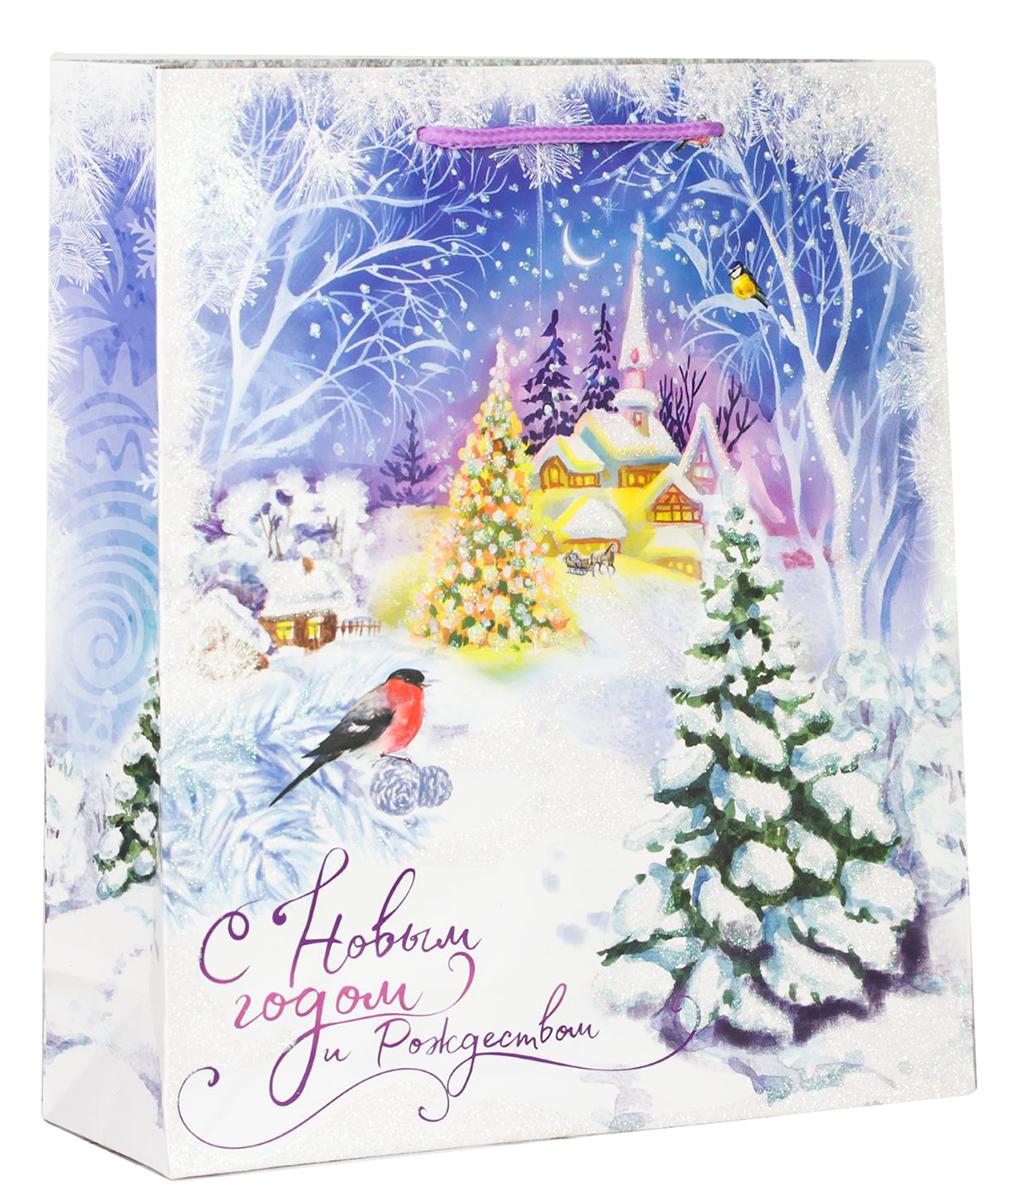 Пакет подарочный Дарите Счастье Сказка зимнего леса, цвет: мультиколор, 18 х 8 х 23 см. 21139102113910Привлекательная упаковка послужит достойным украшением любого, даже самого скромного подарка. Она поможет создать интригу и продлить время предвкушения чуда - момента, когда презент окажется в руках адресата. Пакет имеет яркий, оригинальный дизайн, который обязательно понравится получателю! Изделие выполнено из плотной бумаги, благодаря чему обеспечит надежную защиту содержимого.